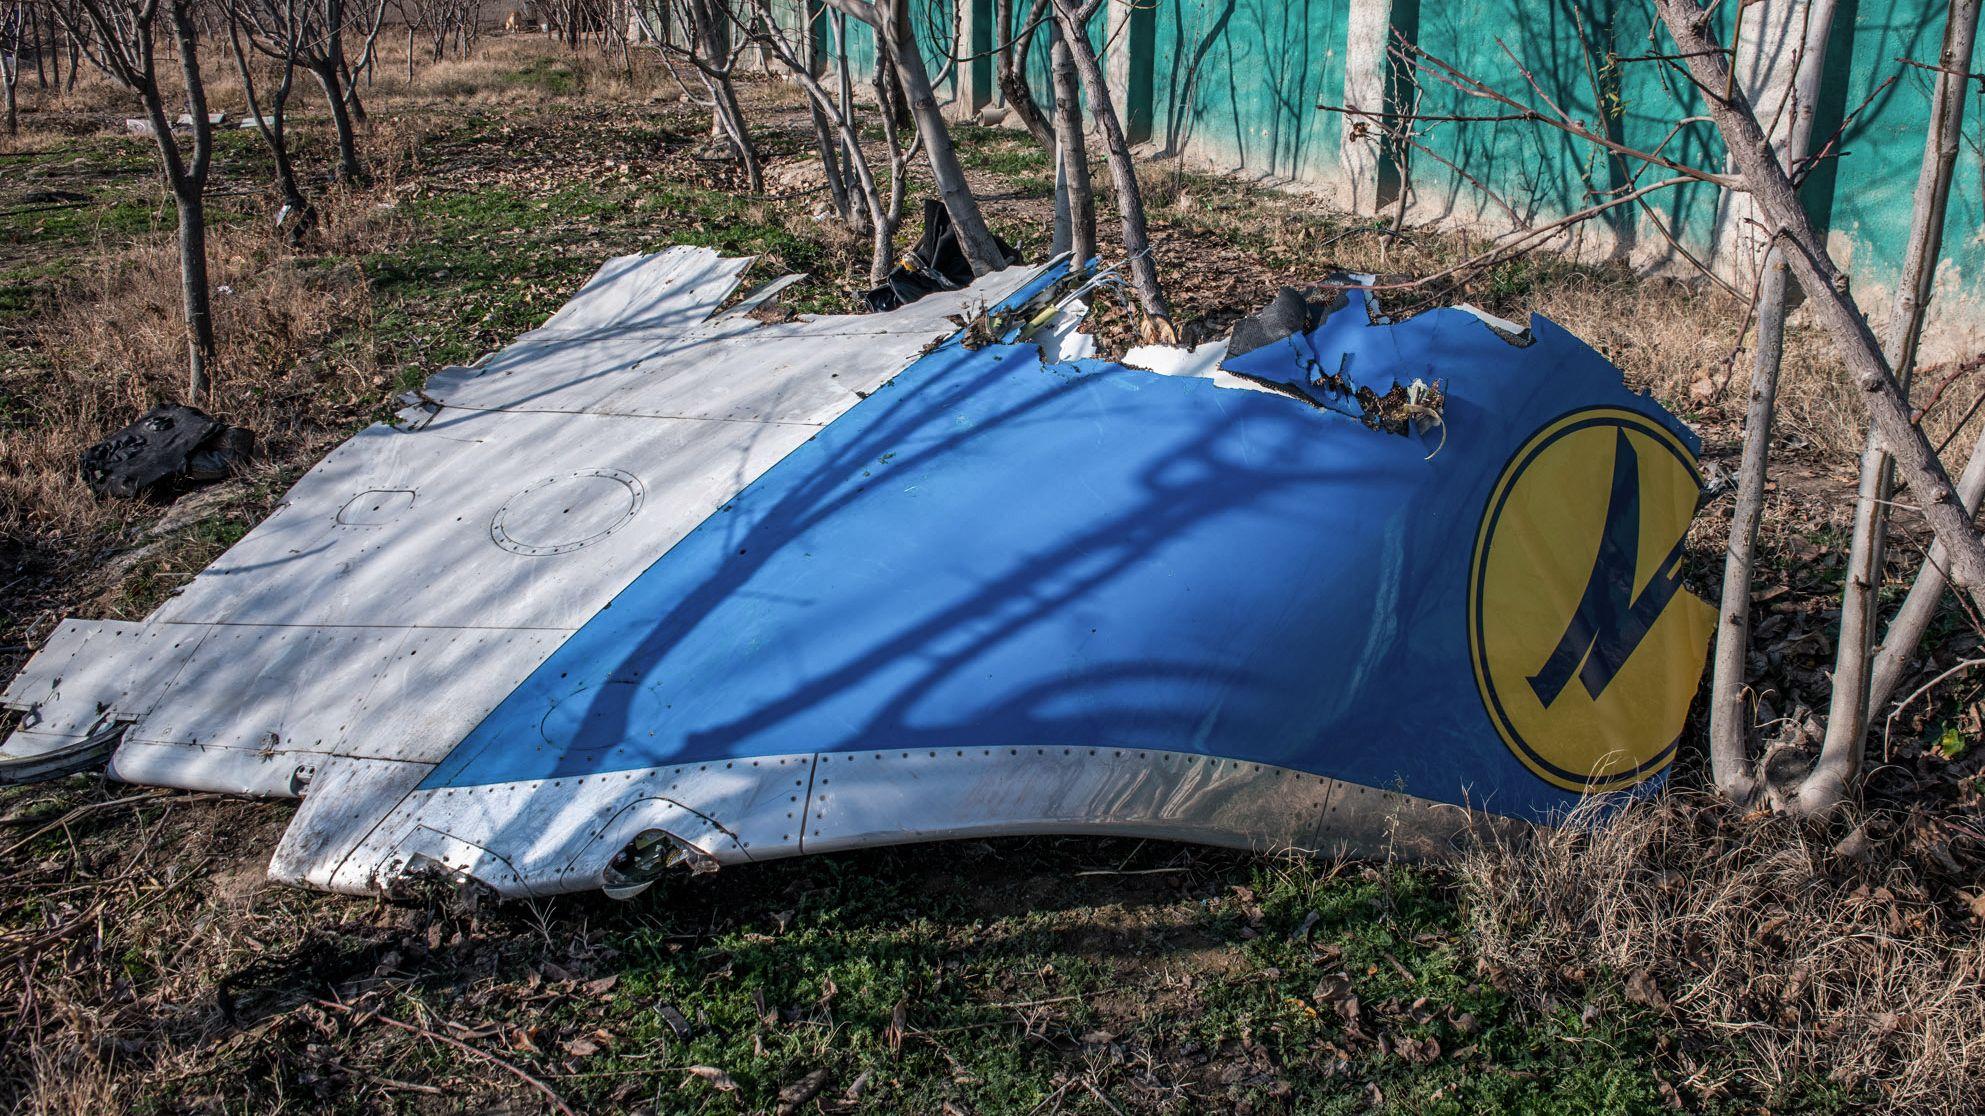 Ein Teil des Flugzeugrumpfs liegt an der Absturzstelle.